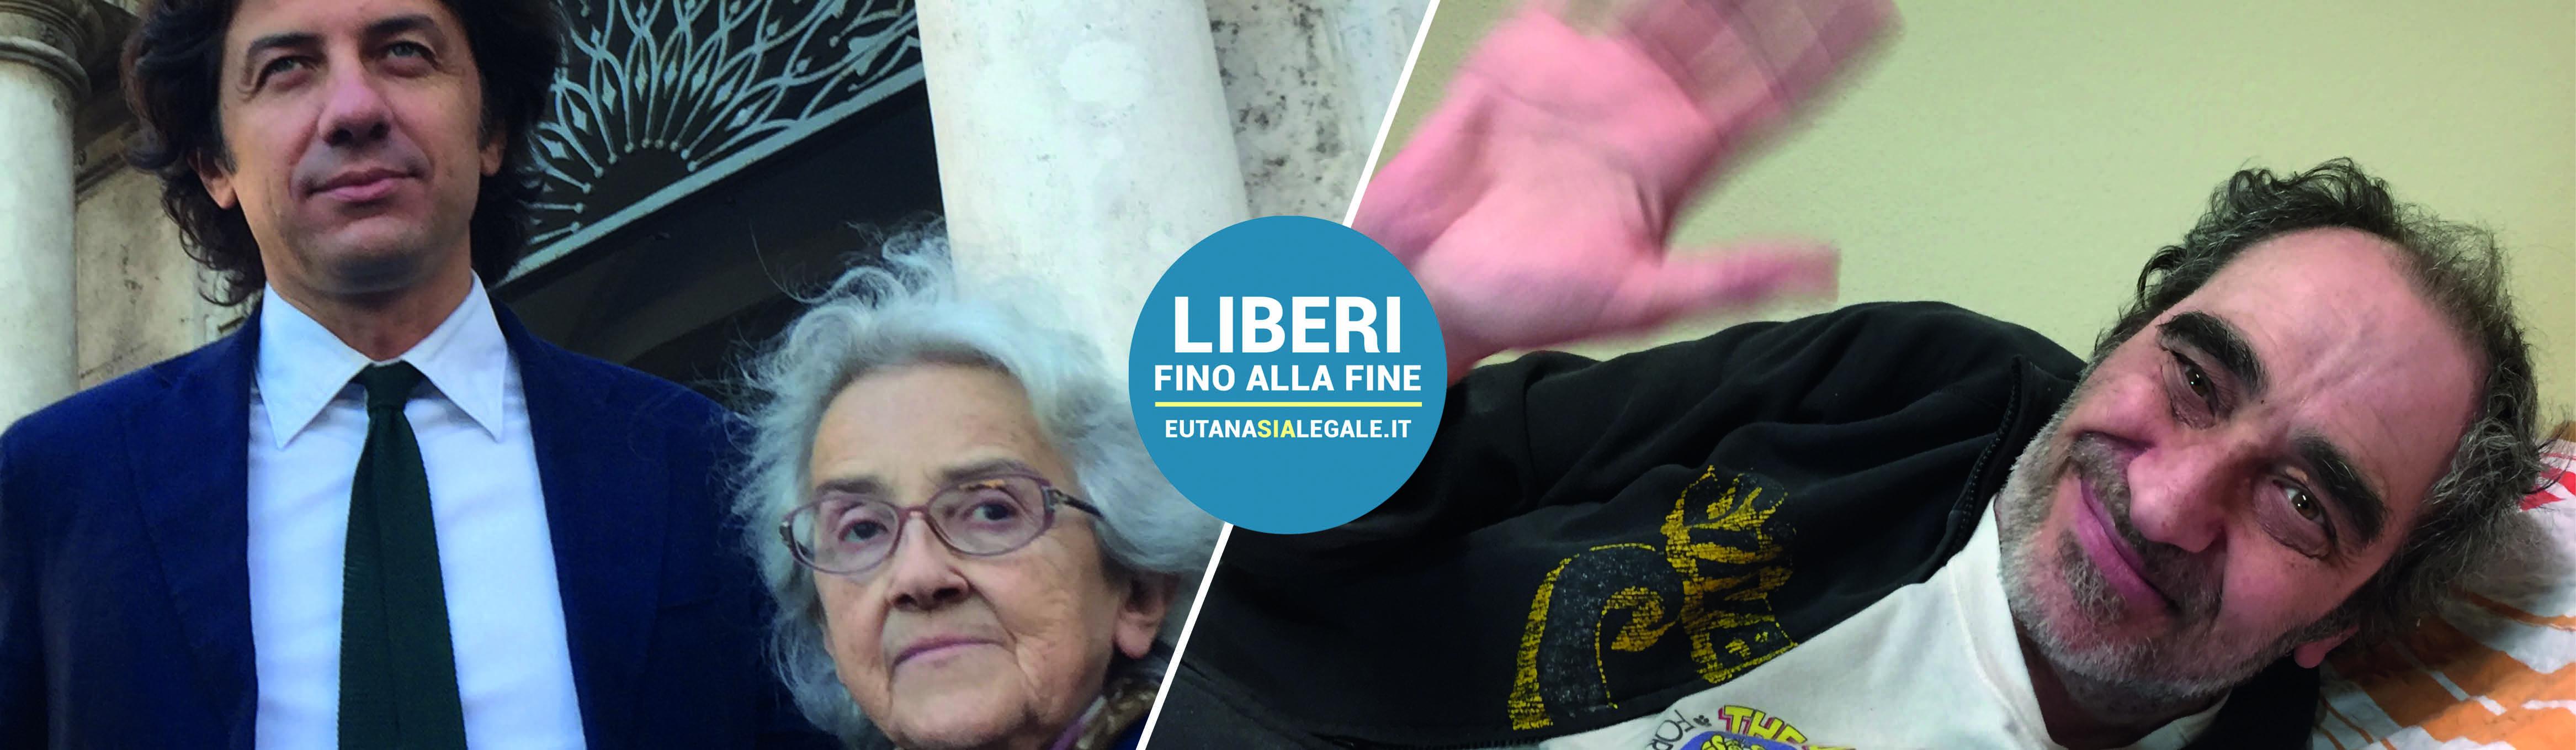 Marco Cappato, Mina Welby e Davide Trentini